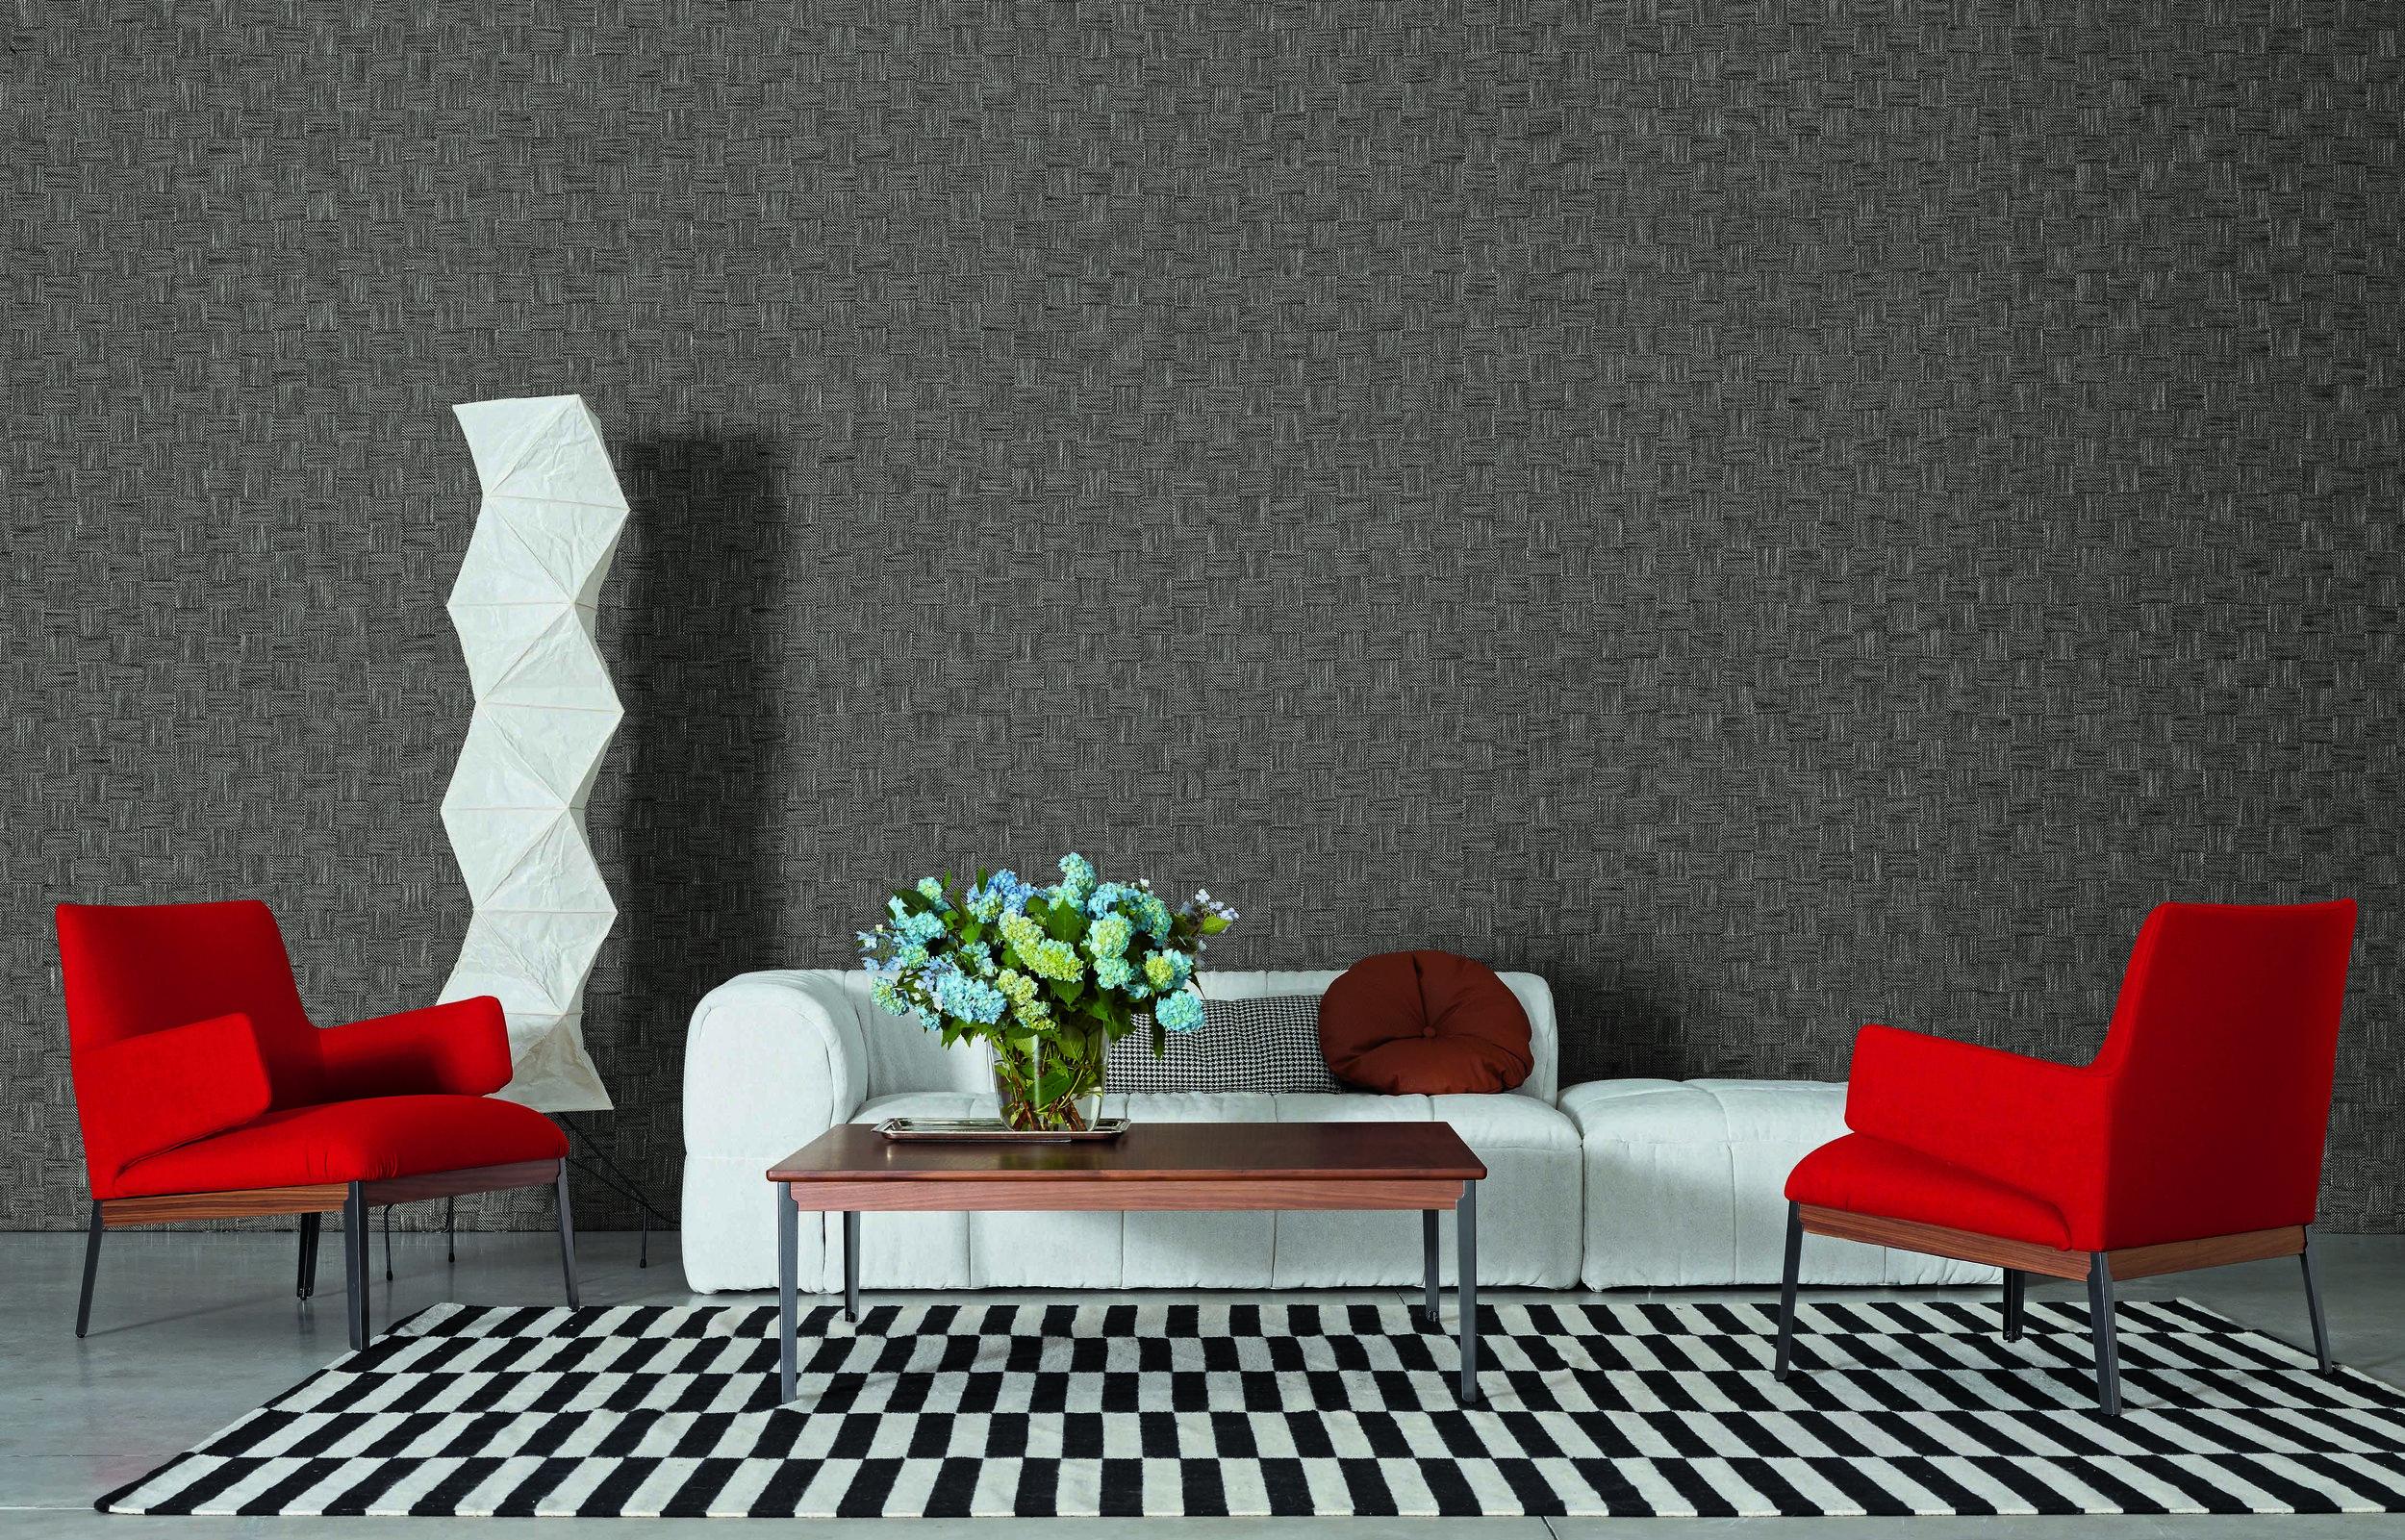 Hug Chair and Hug Table from Arflex Strips Sofa from Arflex